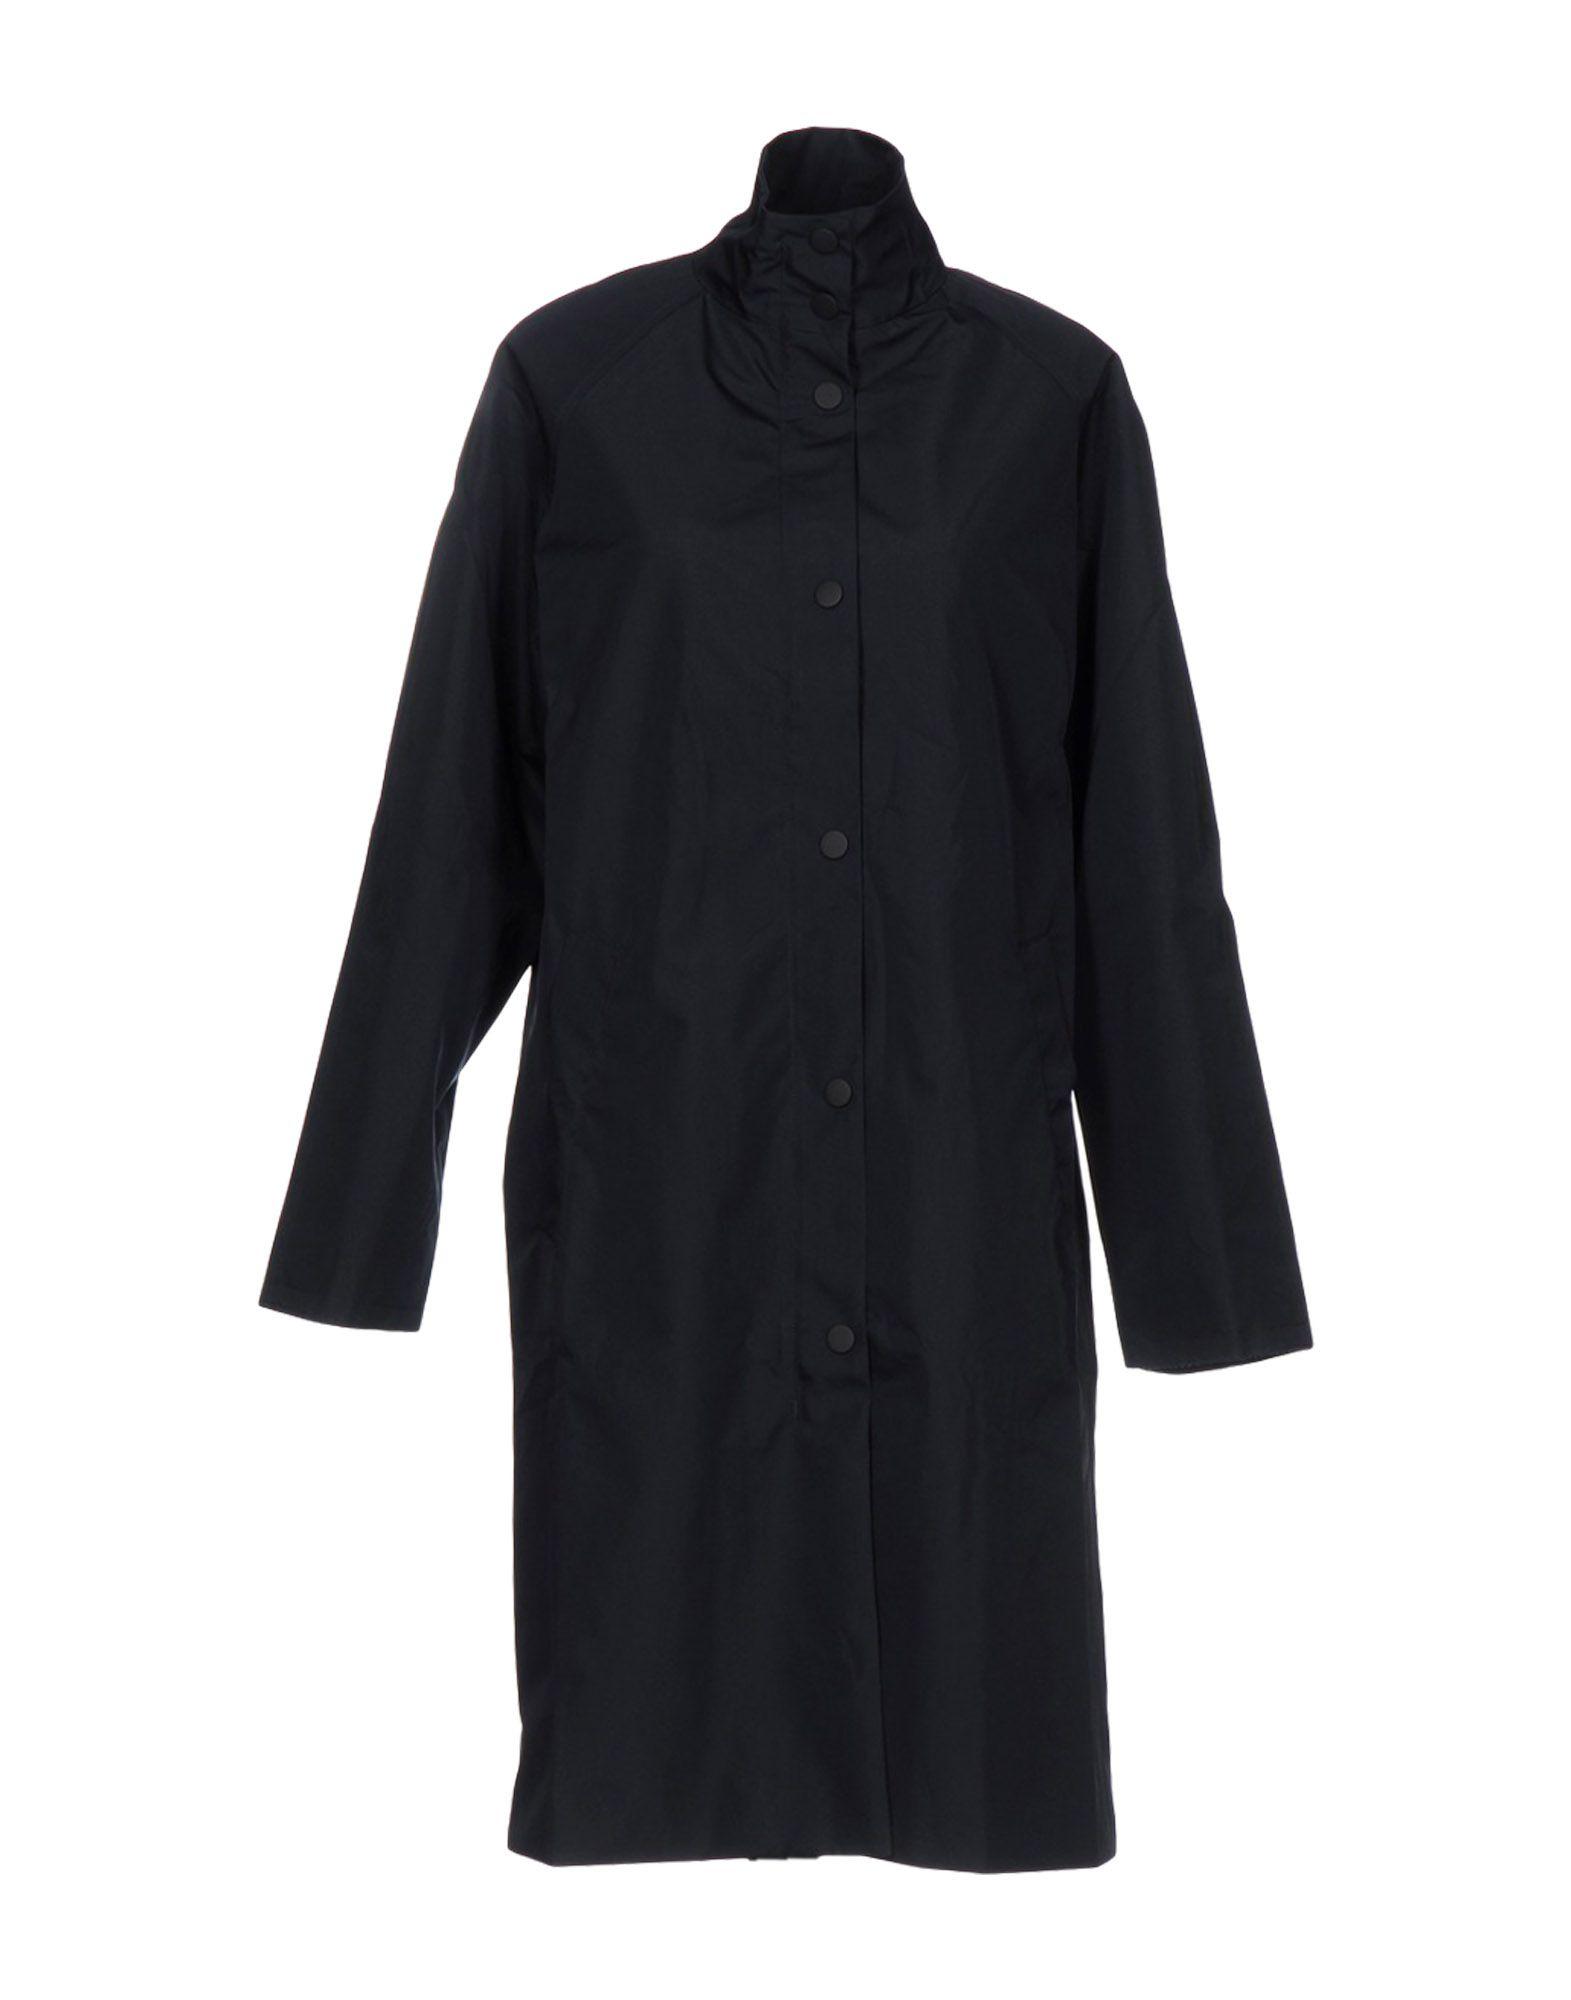 WOOD WOOD Легкое пальто wood wood джинсовая верхняя одежда